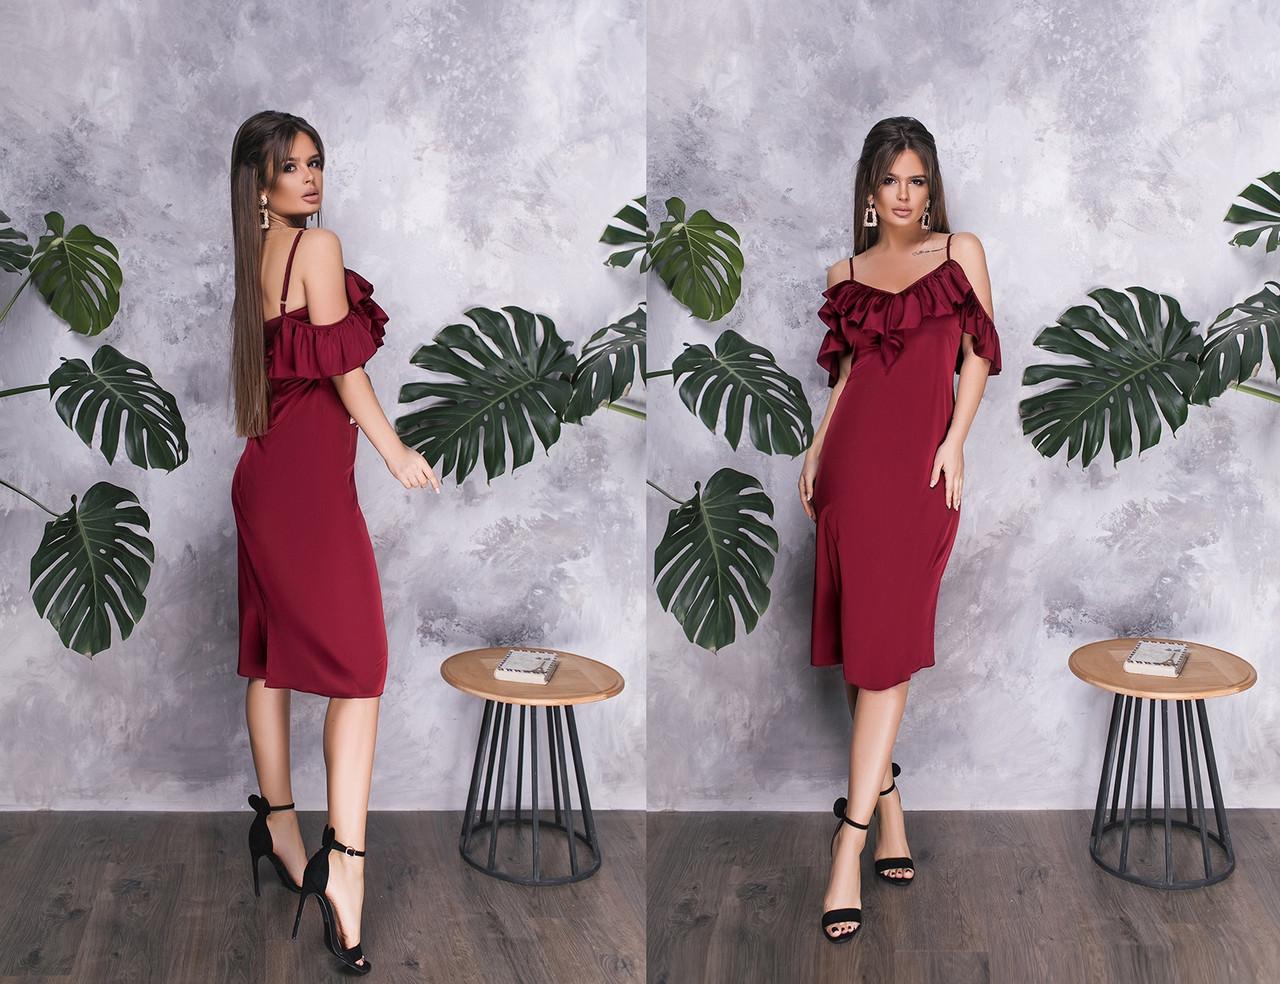 Женское шелковое платье с открытыми плечами.Размеры:42-46.+Цвета